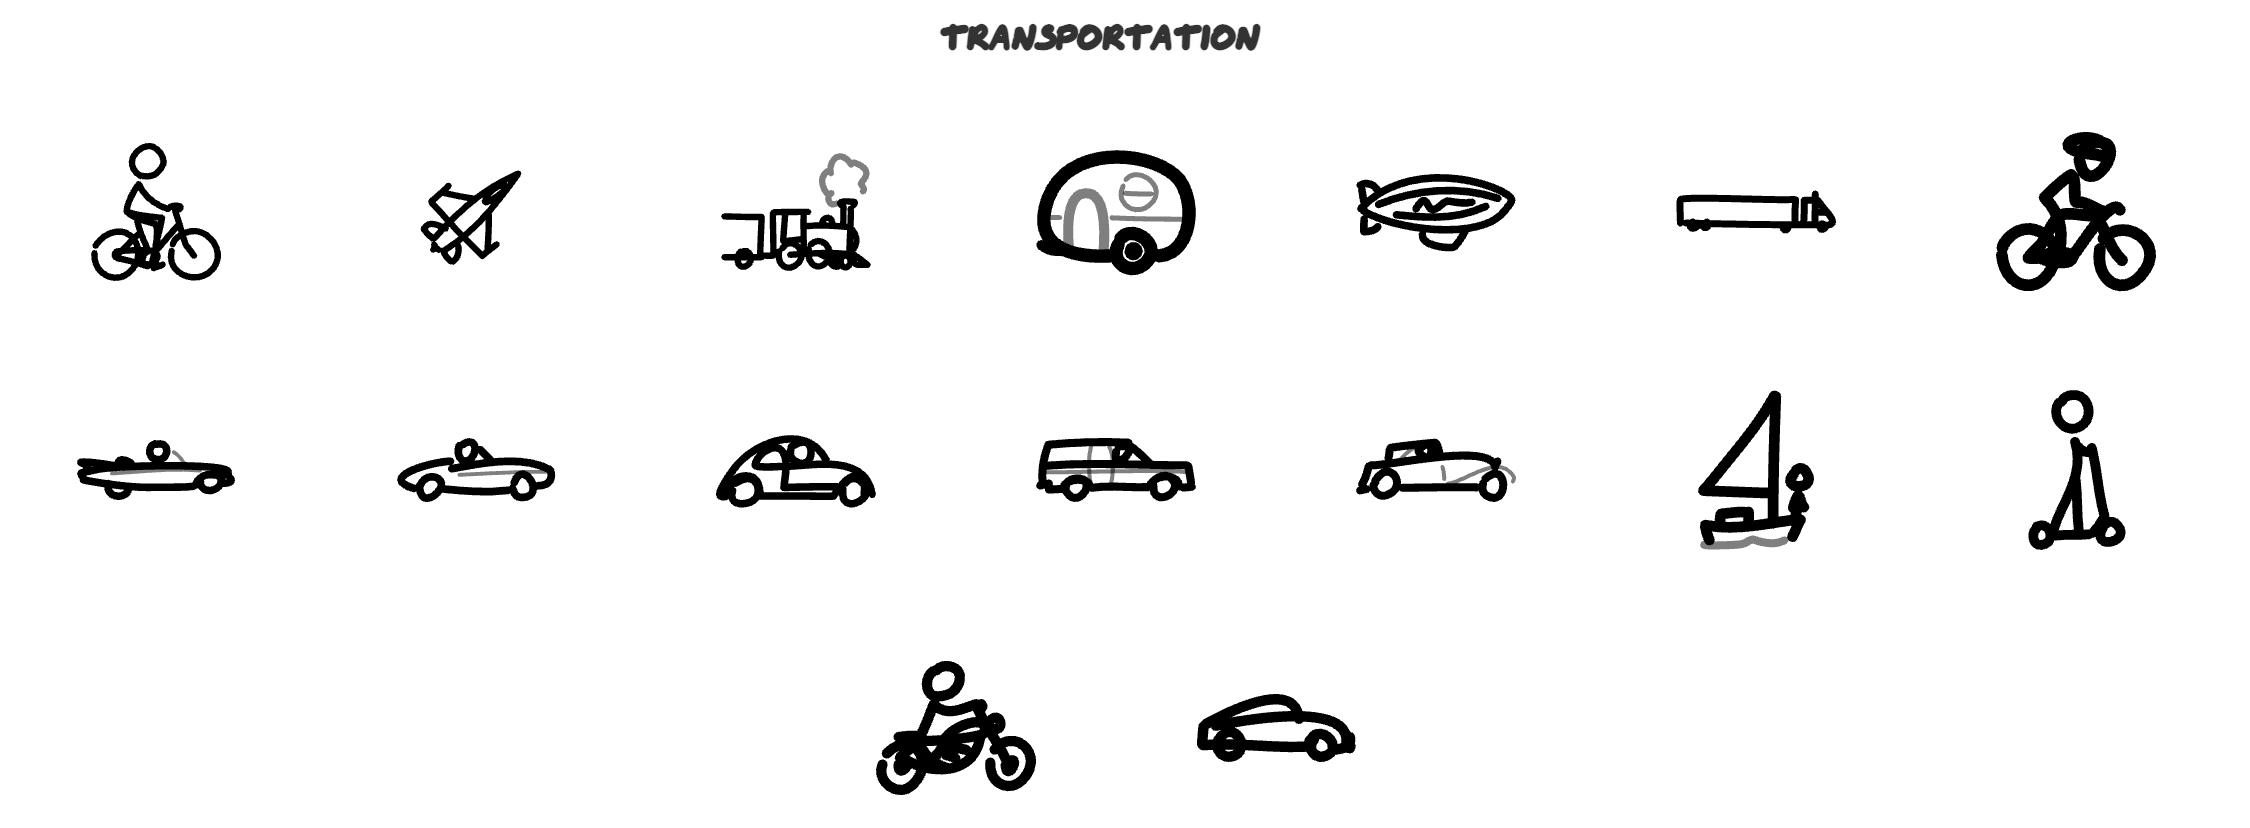 手繪交通工具iocn圖標